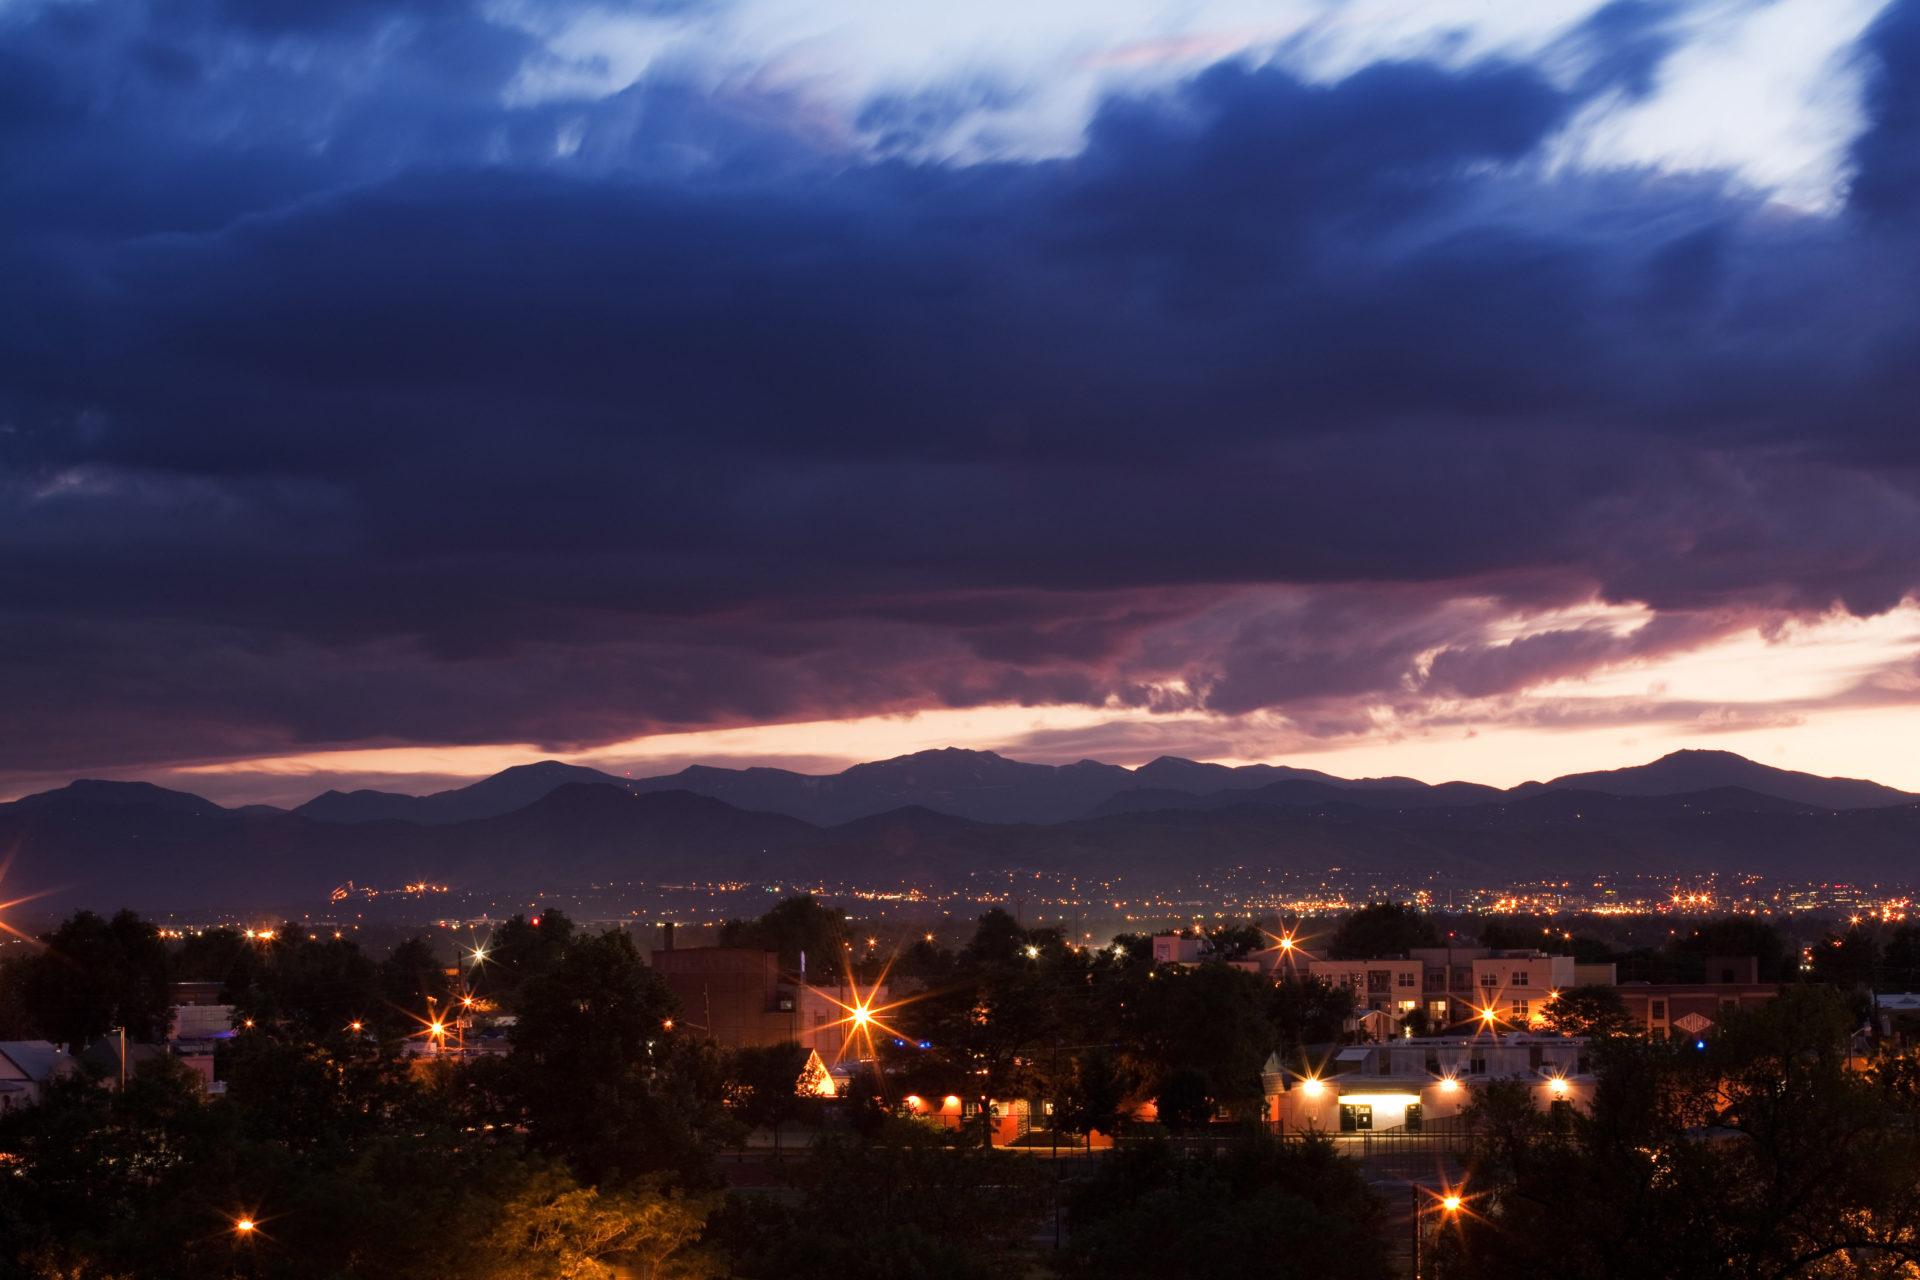 Mount Evans sunset - July 20, 2011